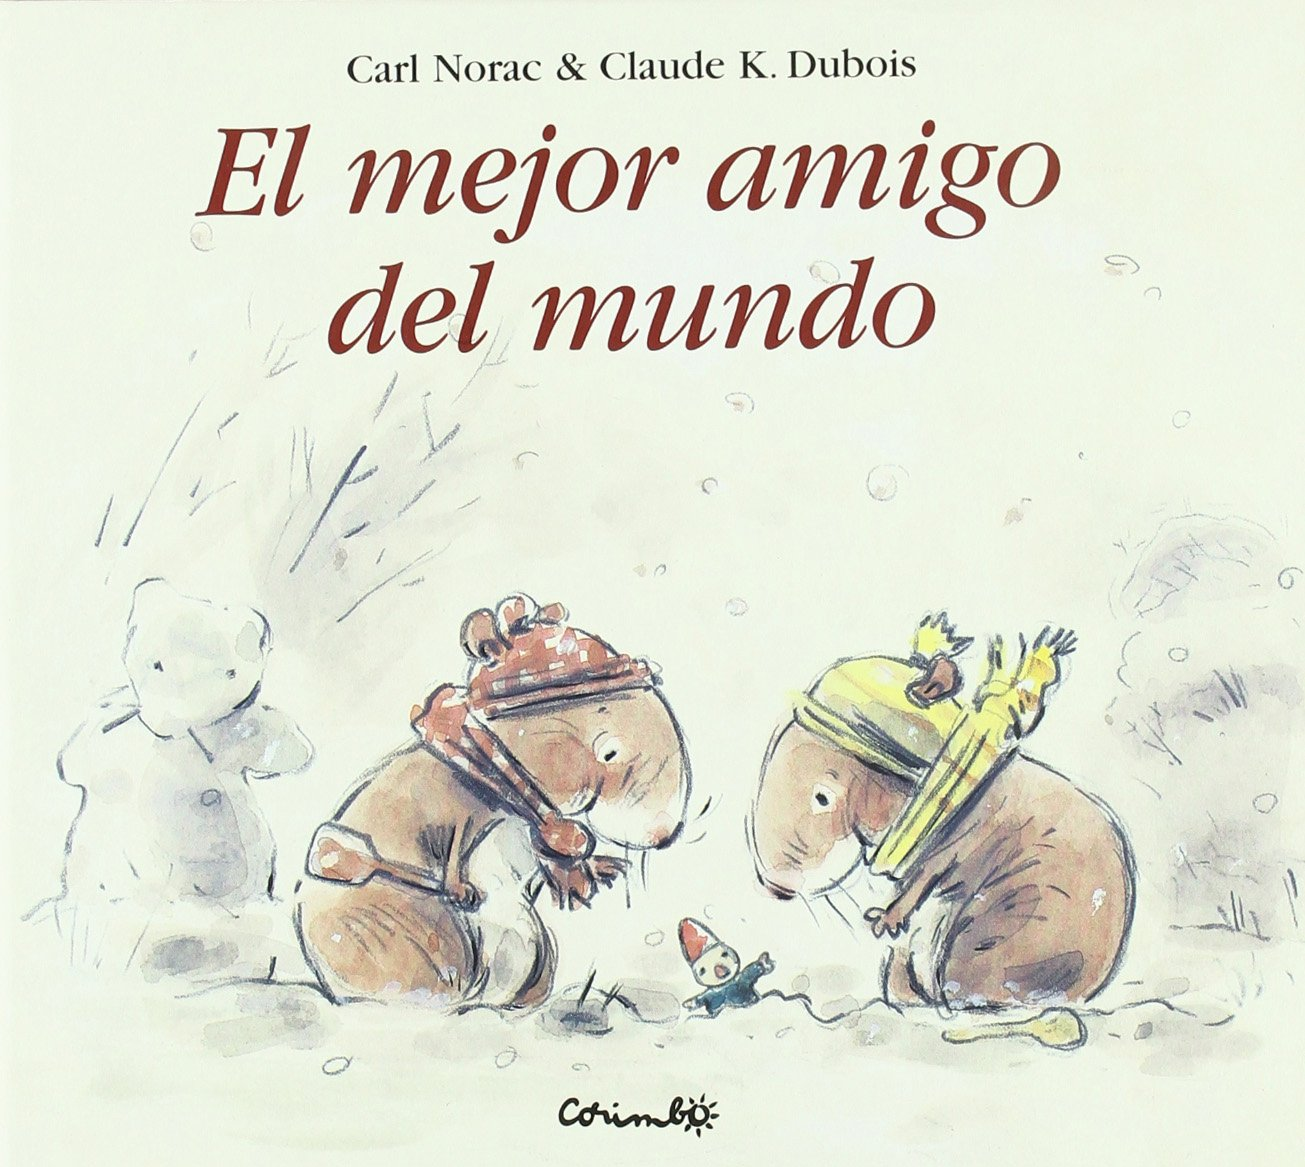 EL MEJOR AMIGO DEL MUNDO (Lola the Hamster)